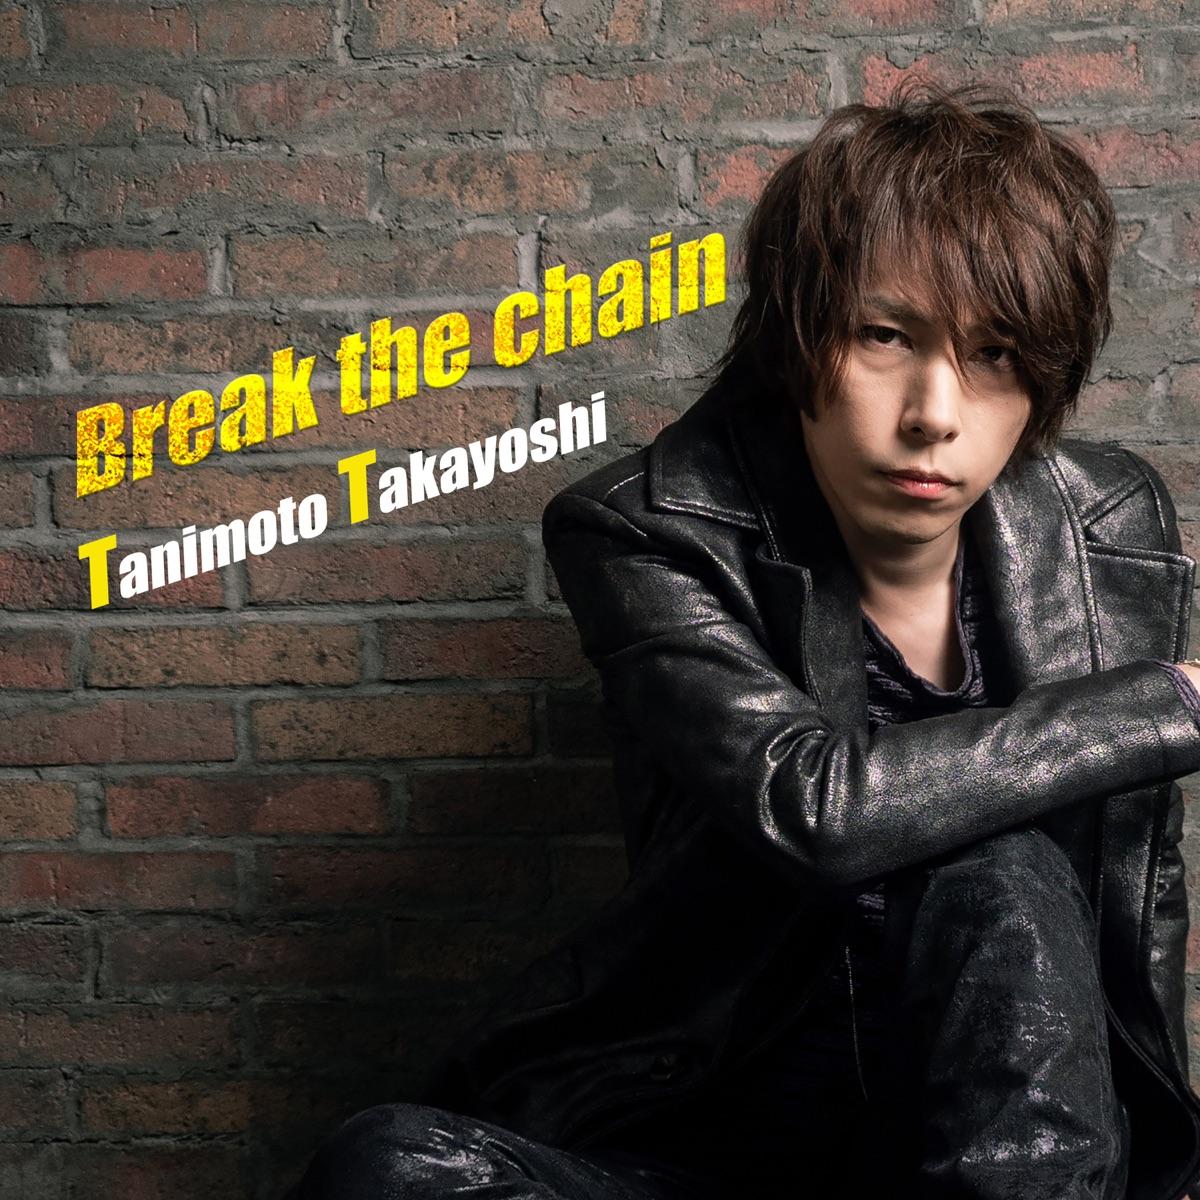 『谷本貴義 - Break the chain』収録の『Break the chain』ジャケット